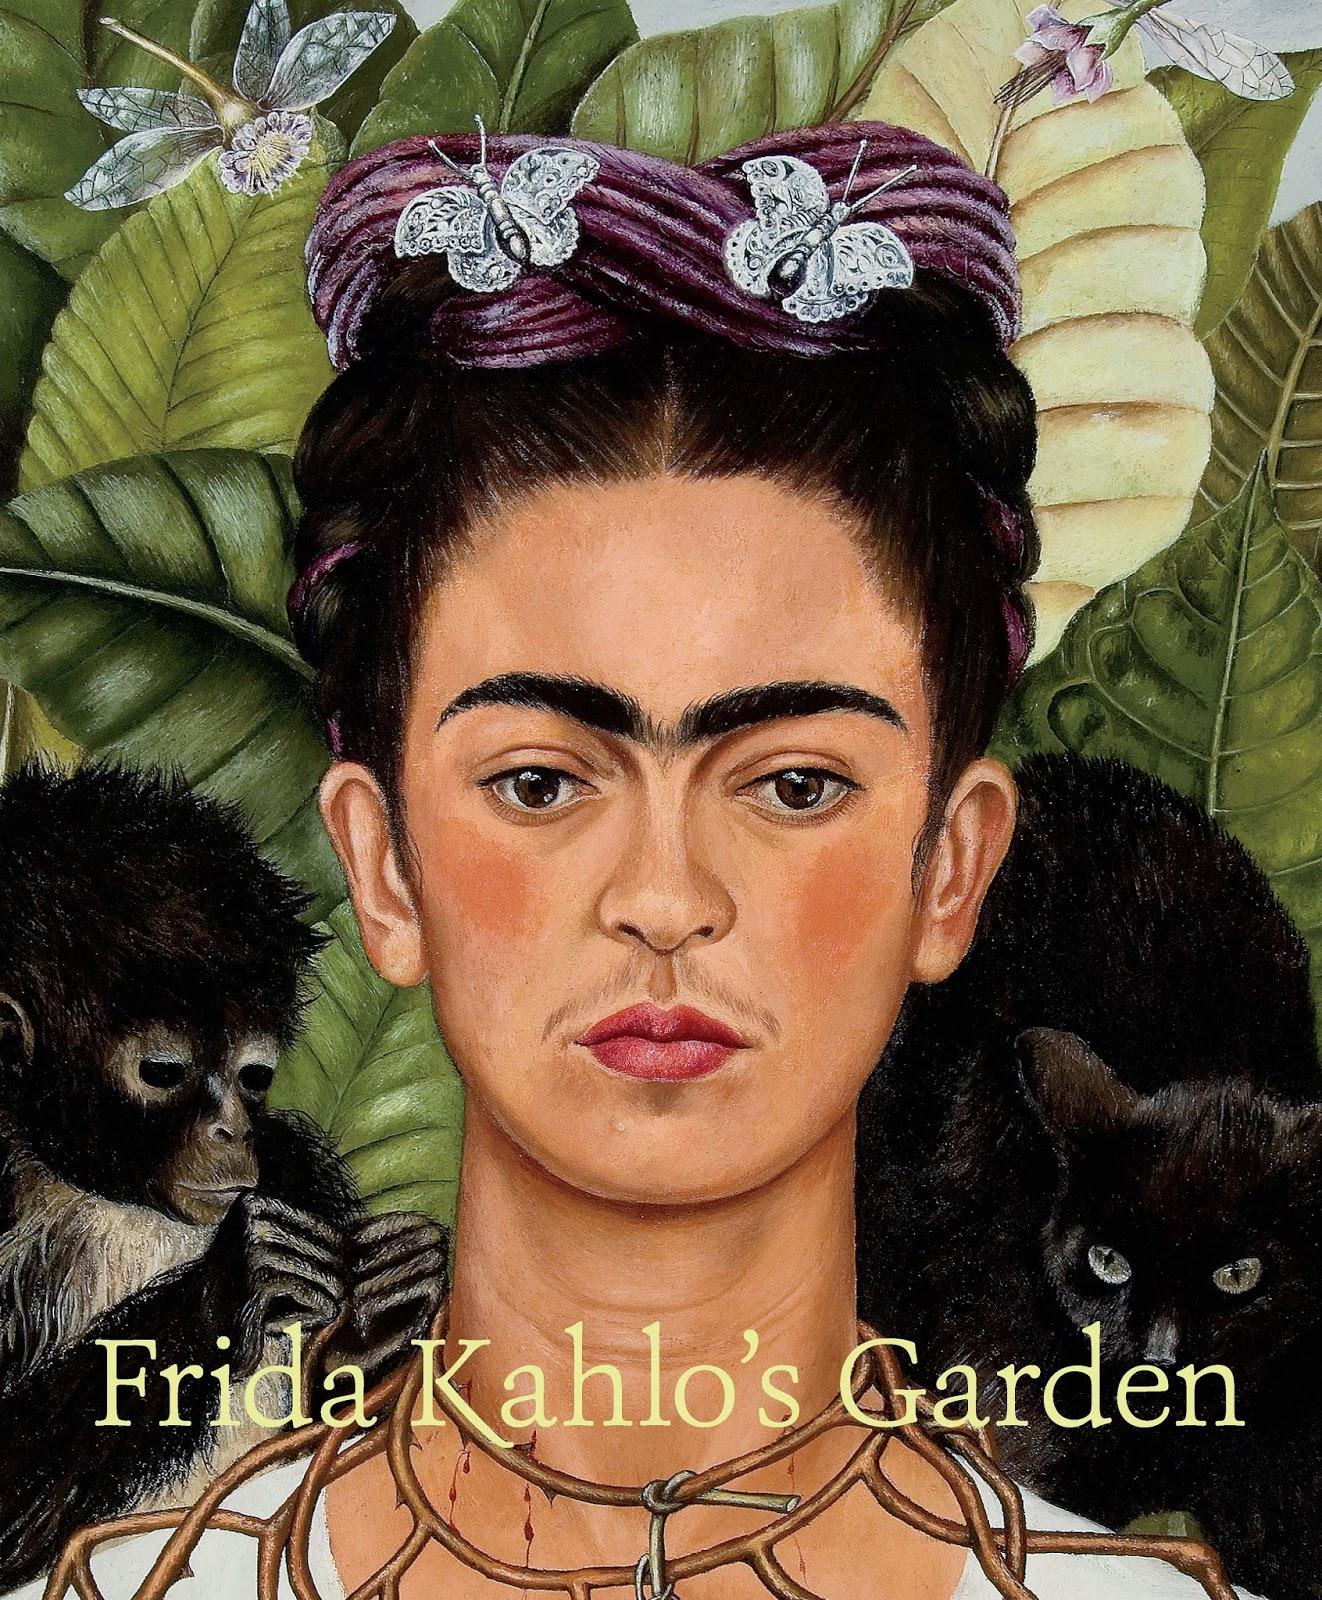 art eyewitness frida kahlo 39 s garden. Black Bedroom Furniture Sets. Home Design Ideas